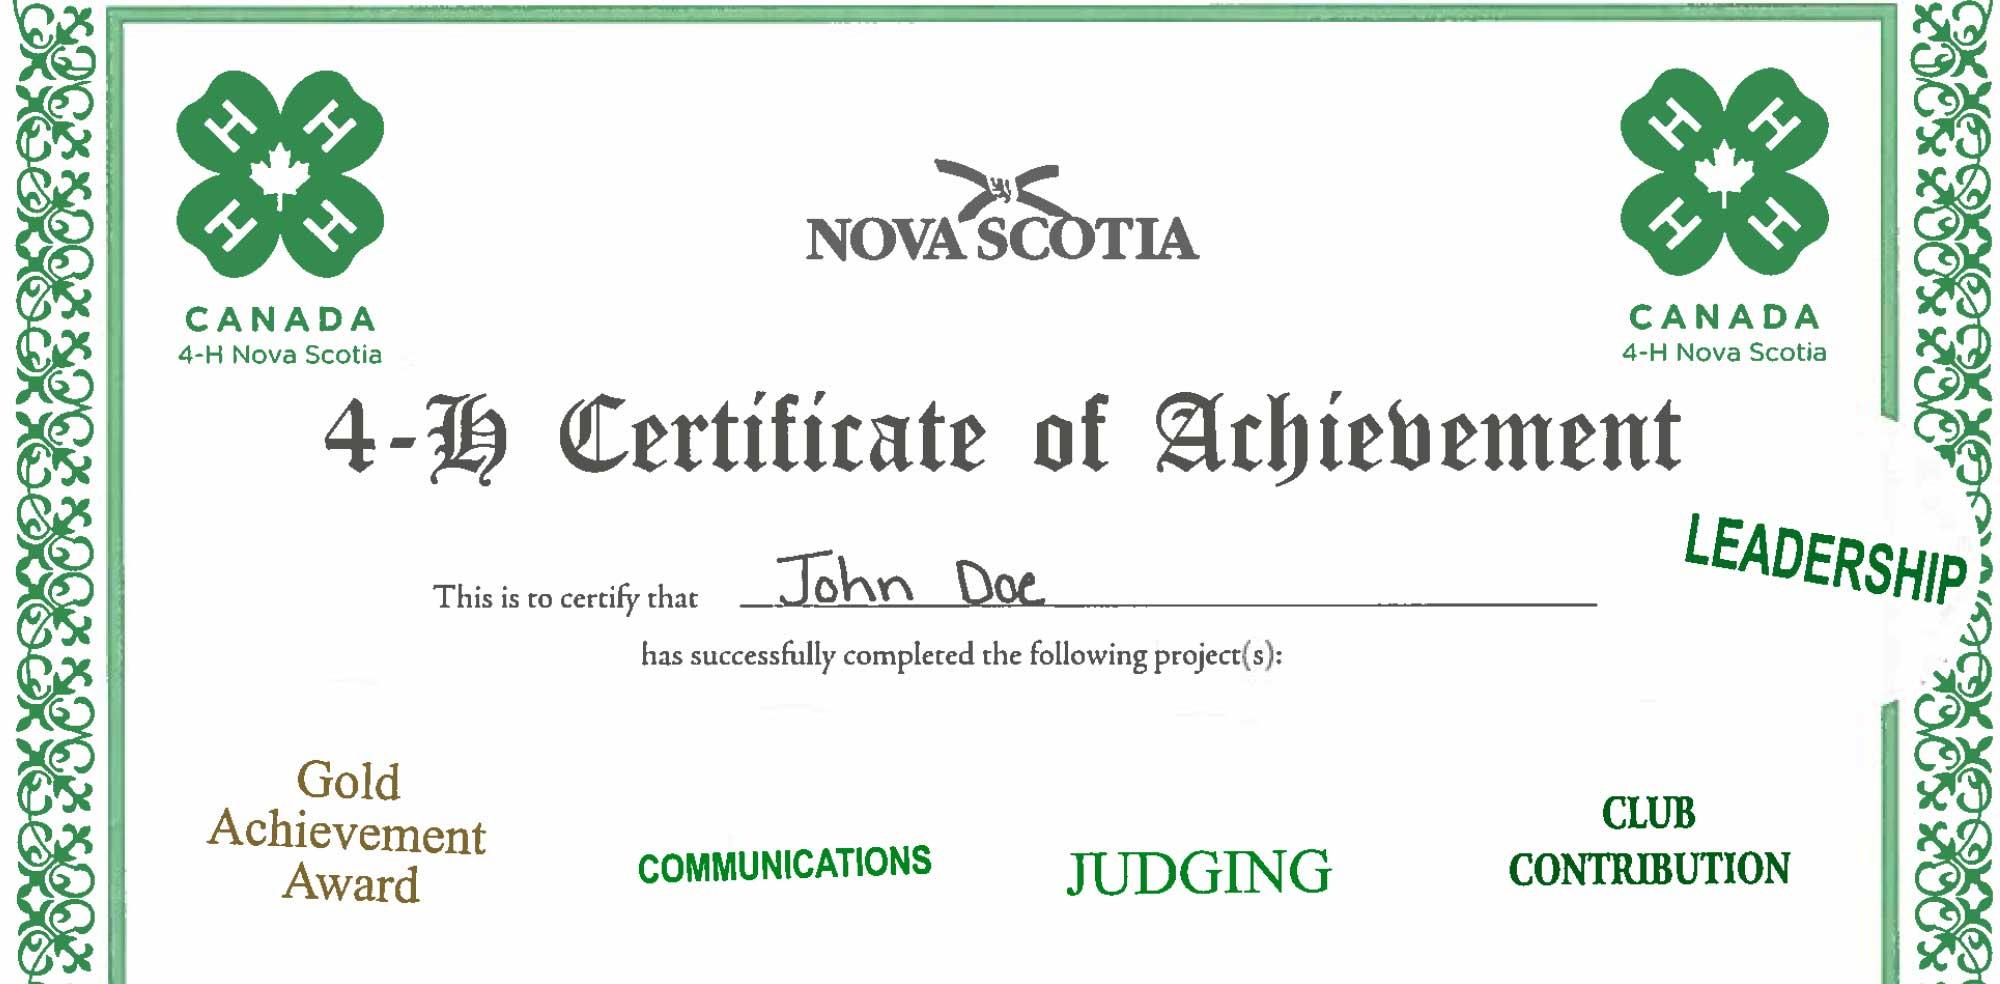 Sample of judging certificate